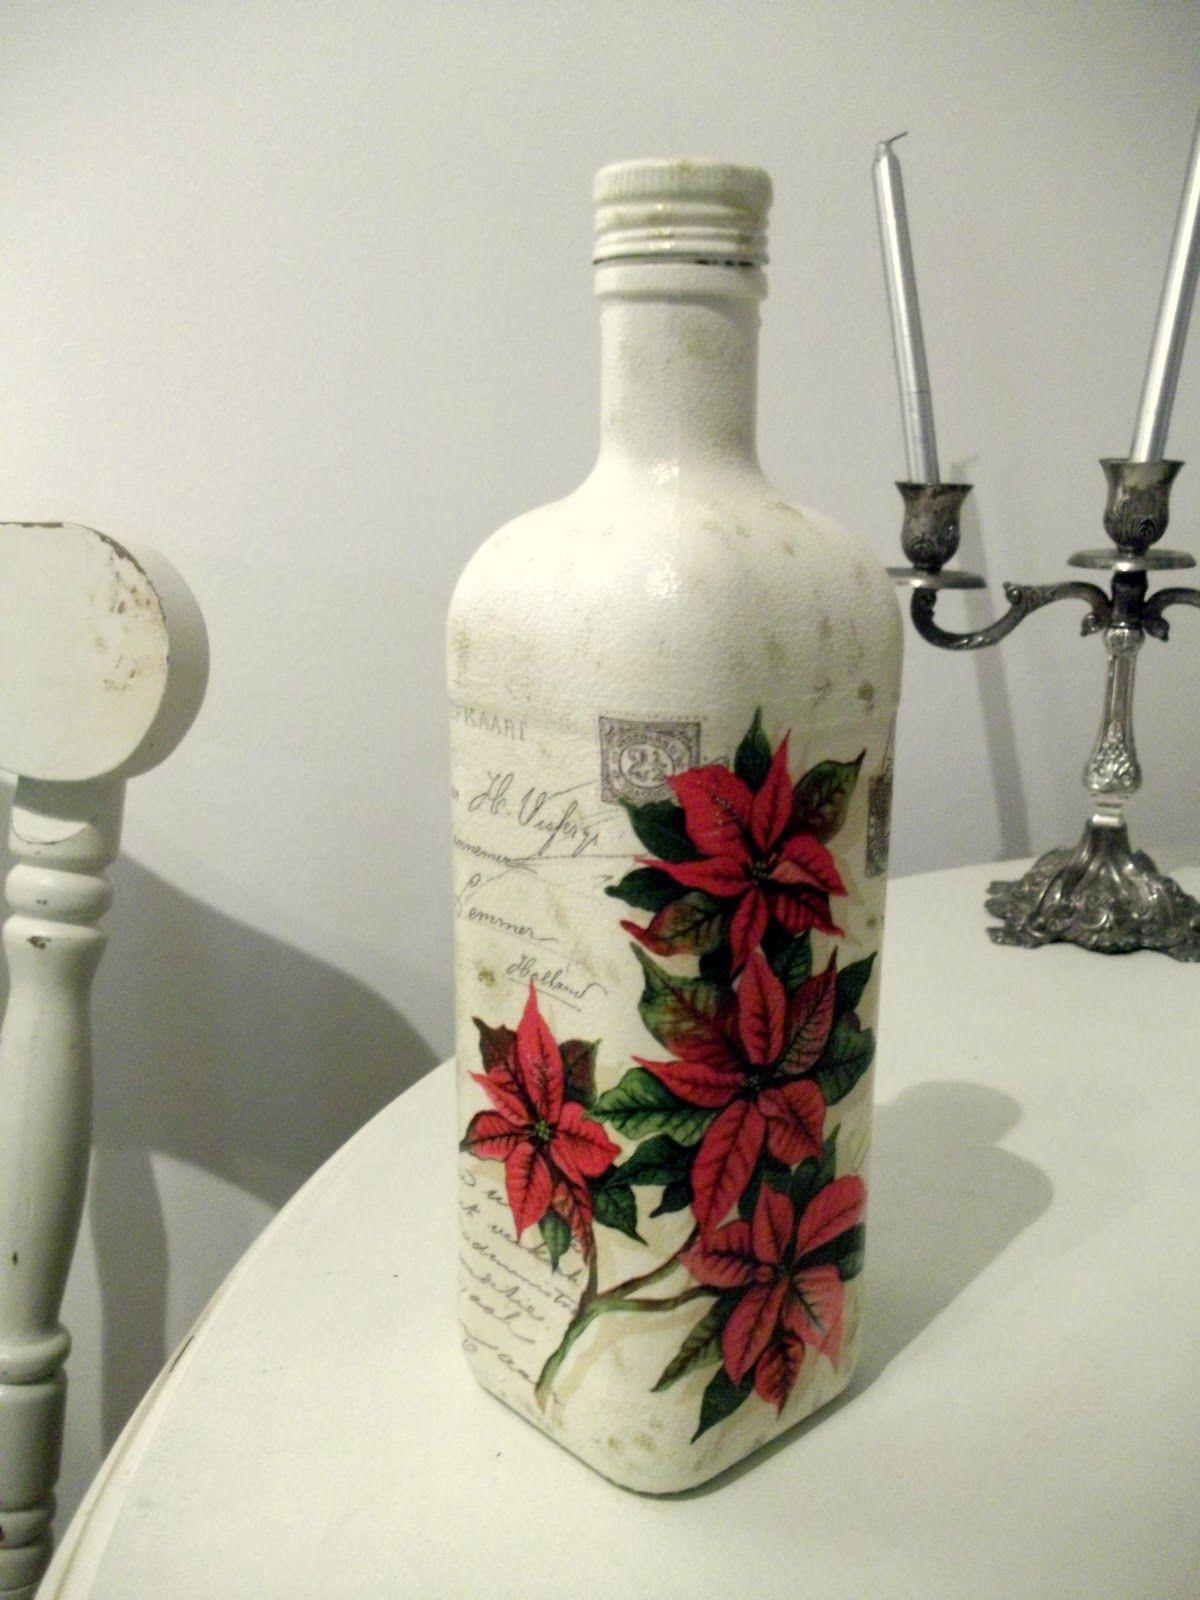 Ideas To Decorate Glass Bottles Dscf8171001 1200×1600 Pixels  Decoupage  Ideas